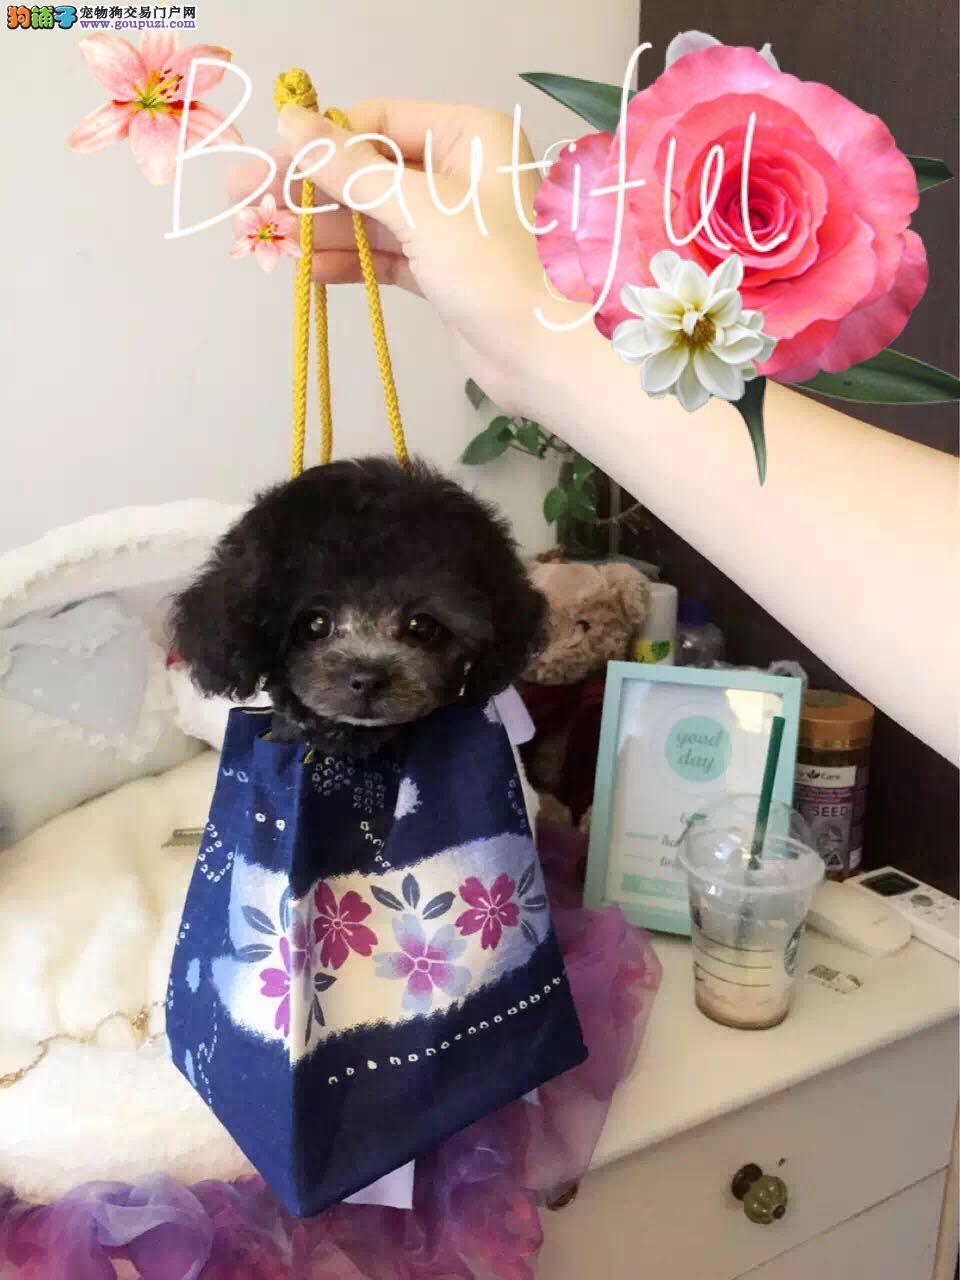 出售精品泰迪熊宝宝、苹果脸、活泼可爱、包健康